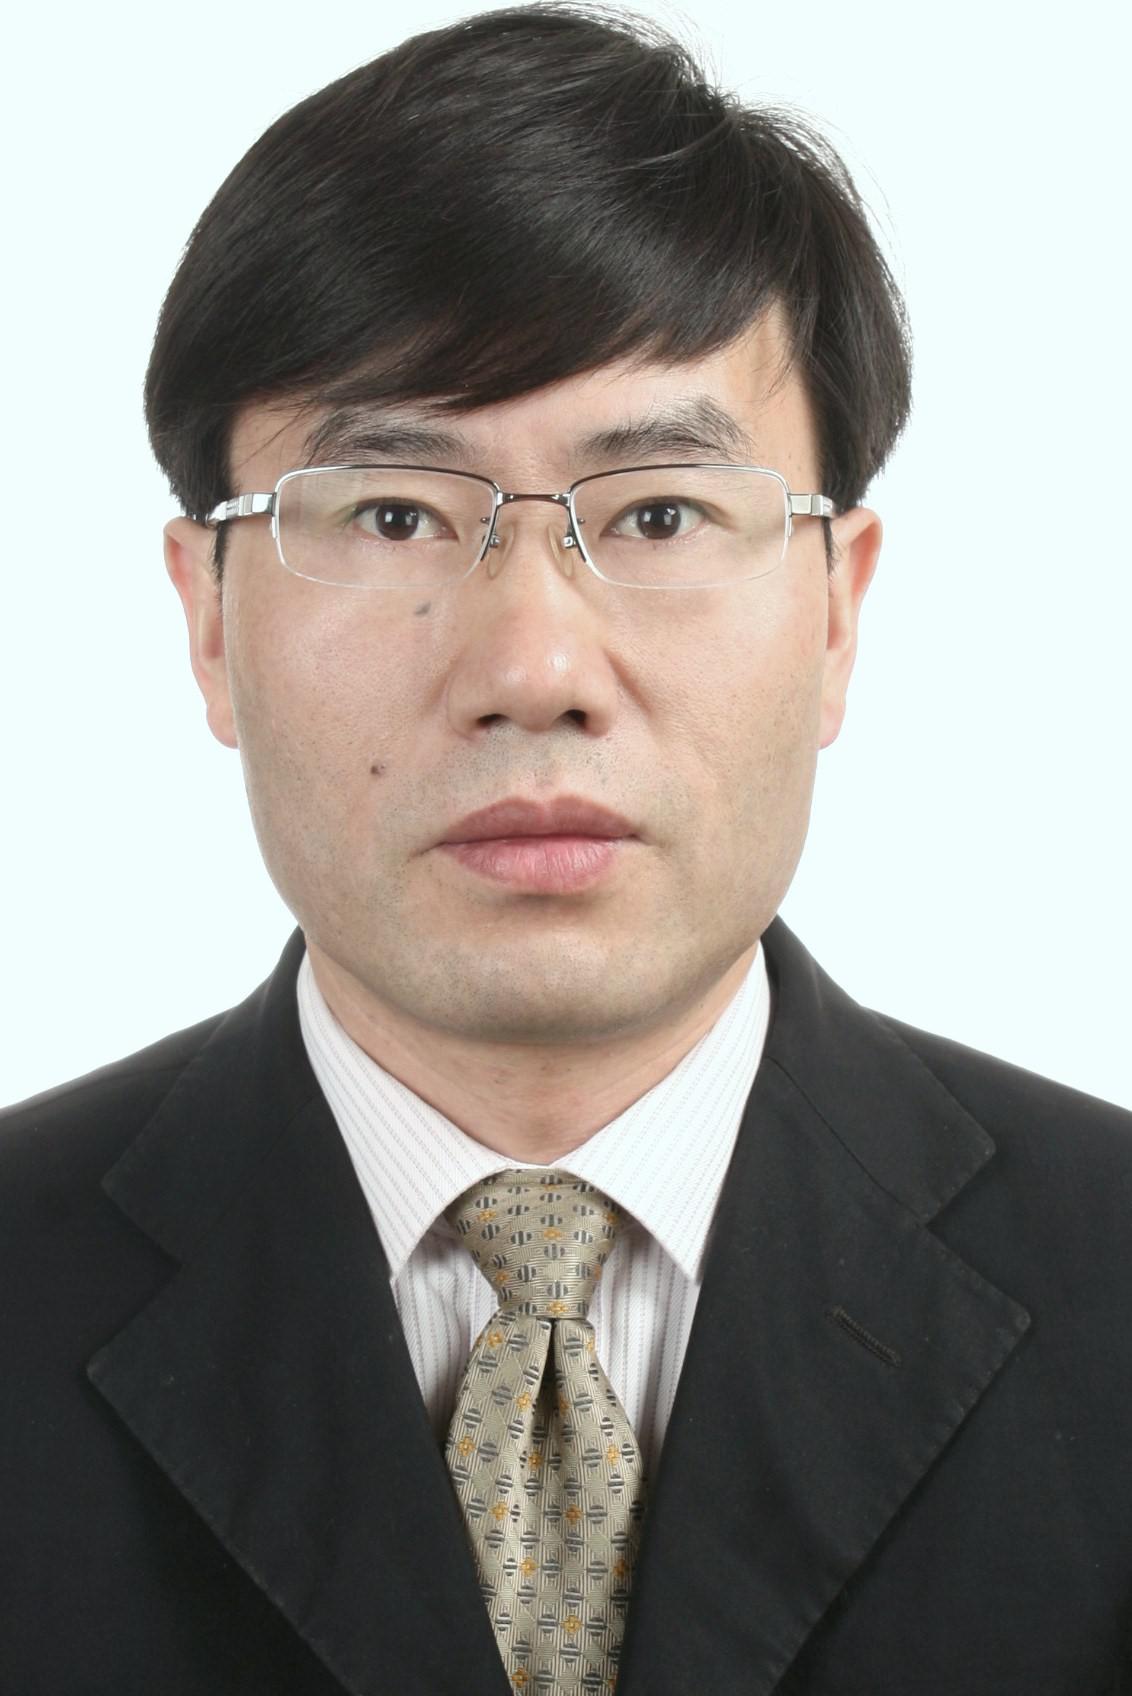 上海微电子装备有限公司教授级高工程建瑞照片